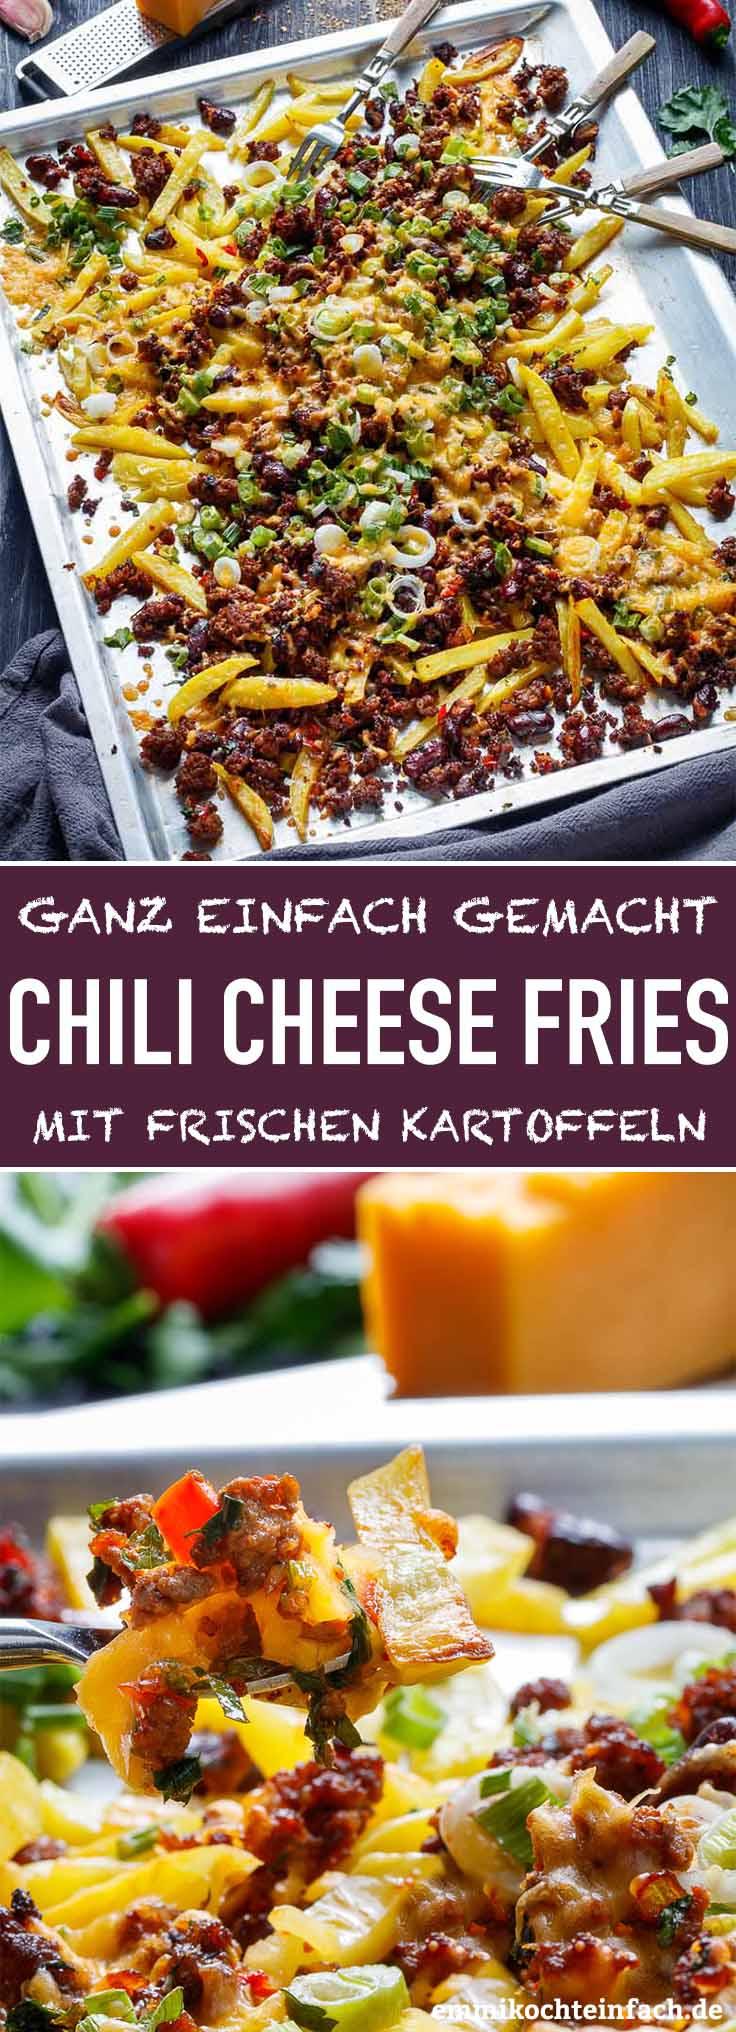 Chili Cheese Fries mit frischen Kartoffeln - www.emmikochteinfach.de